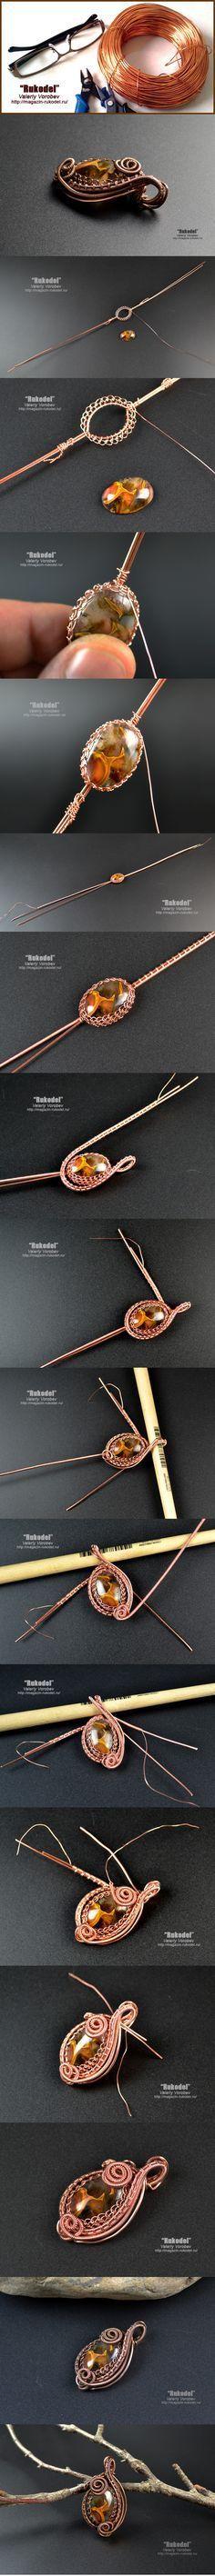 Как сделать кулон (подвеску) из проволоки. | Рукодел - Wire Wrap Pendant